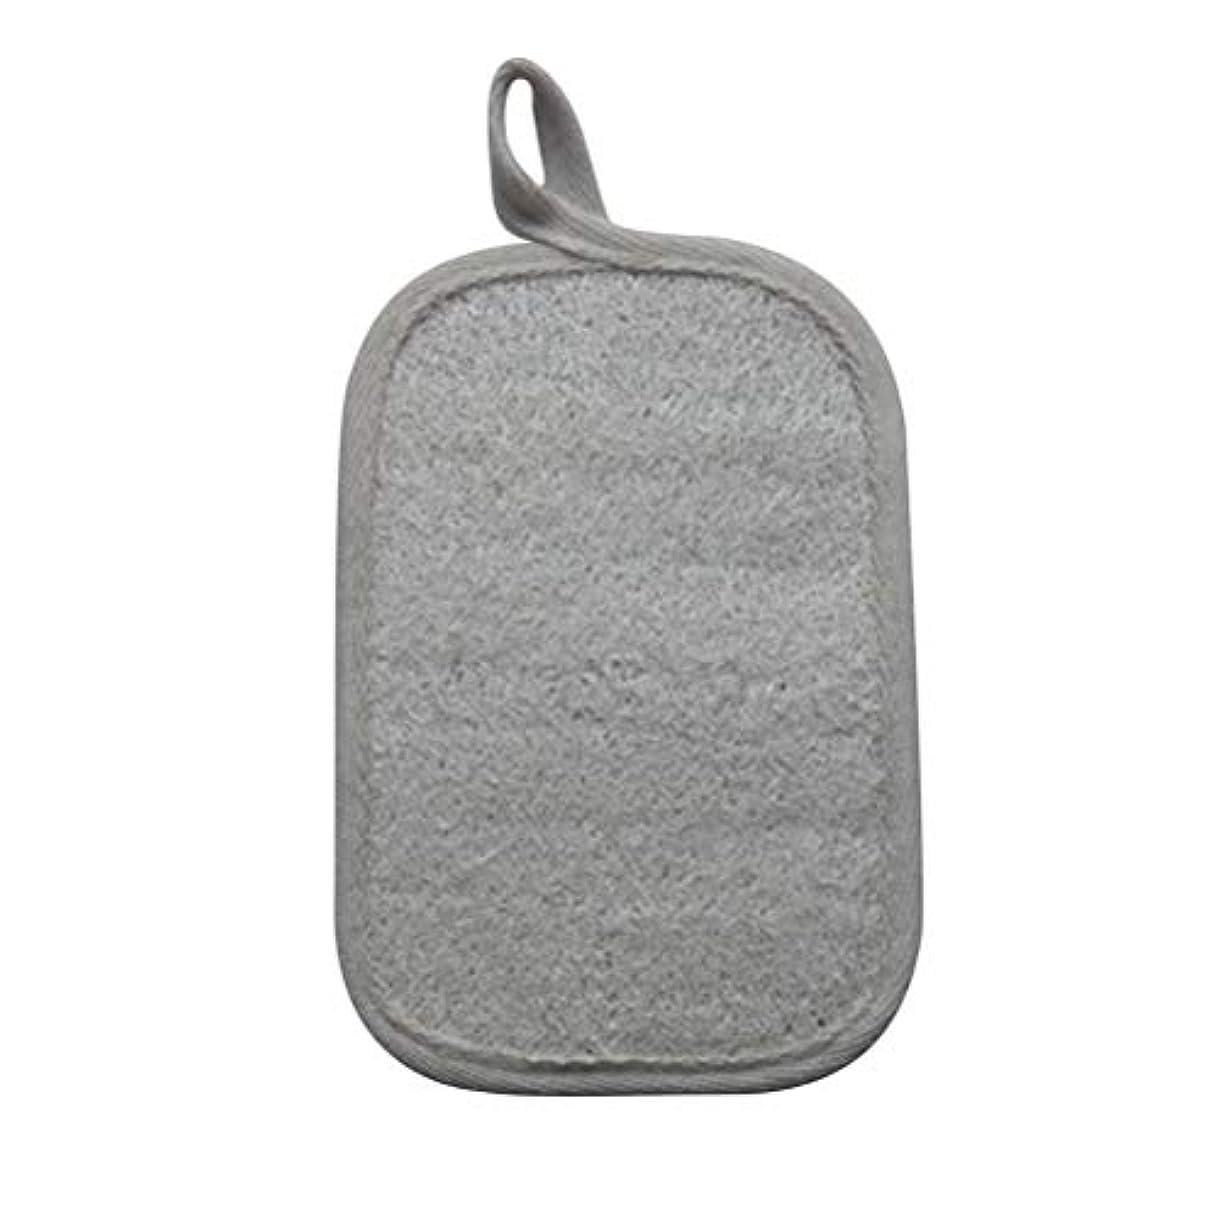 モール魅力不合格HEALIFTY シャワーのための自然なLoofahのスポンジパッドの風呂の剥離Loofahのスポンジのスクラバー